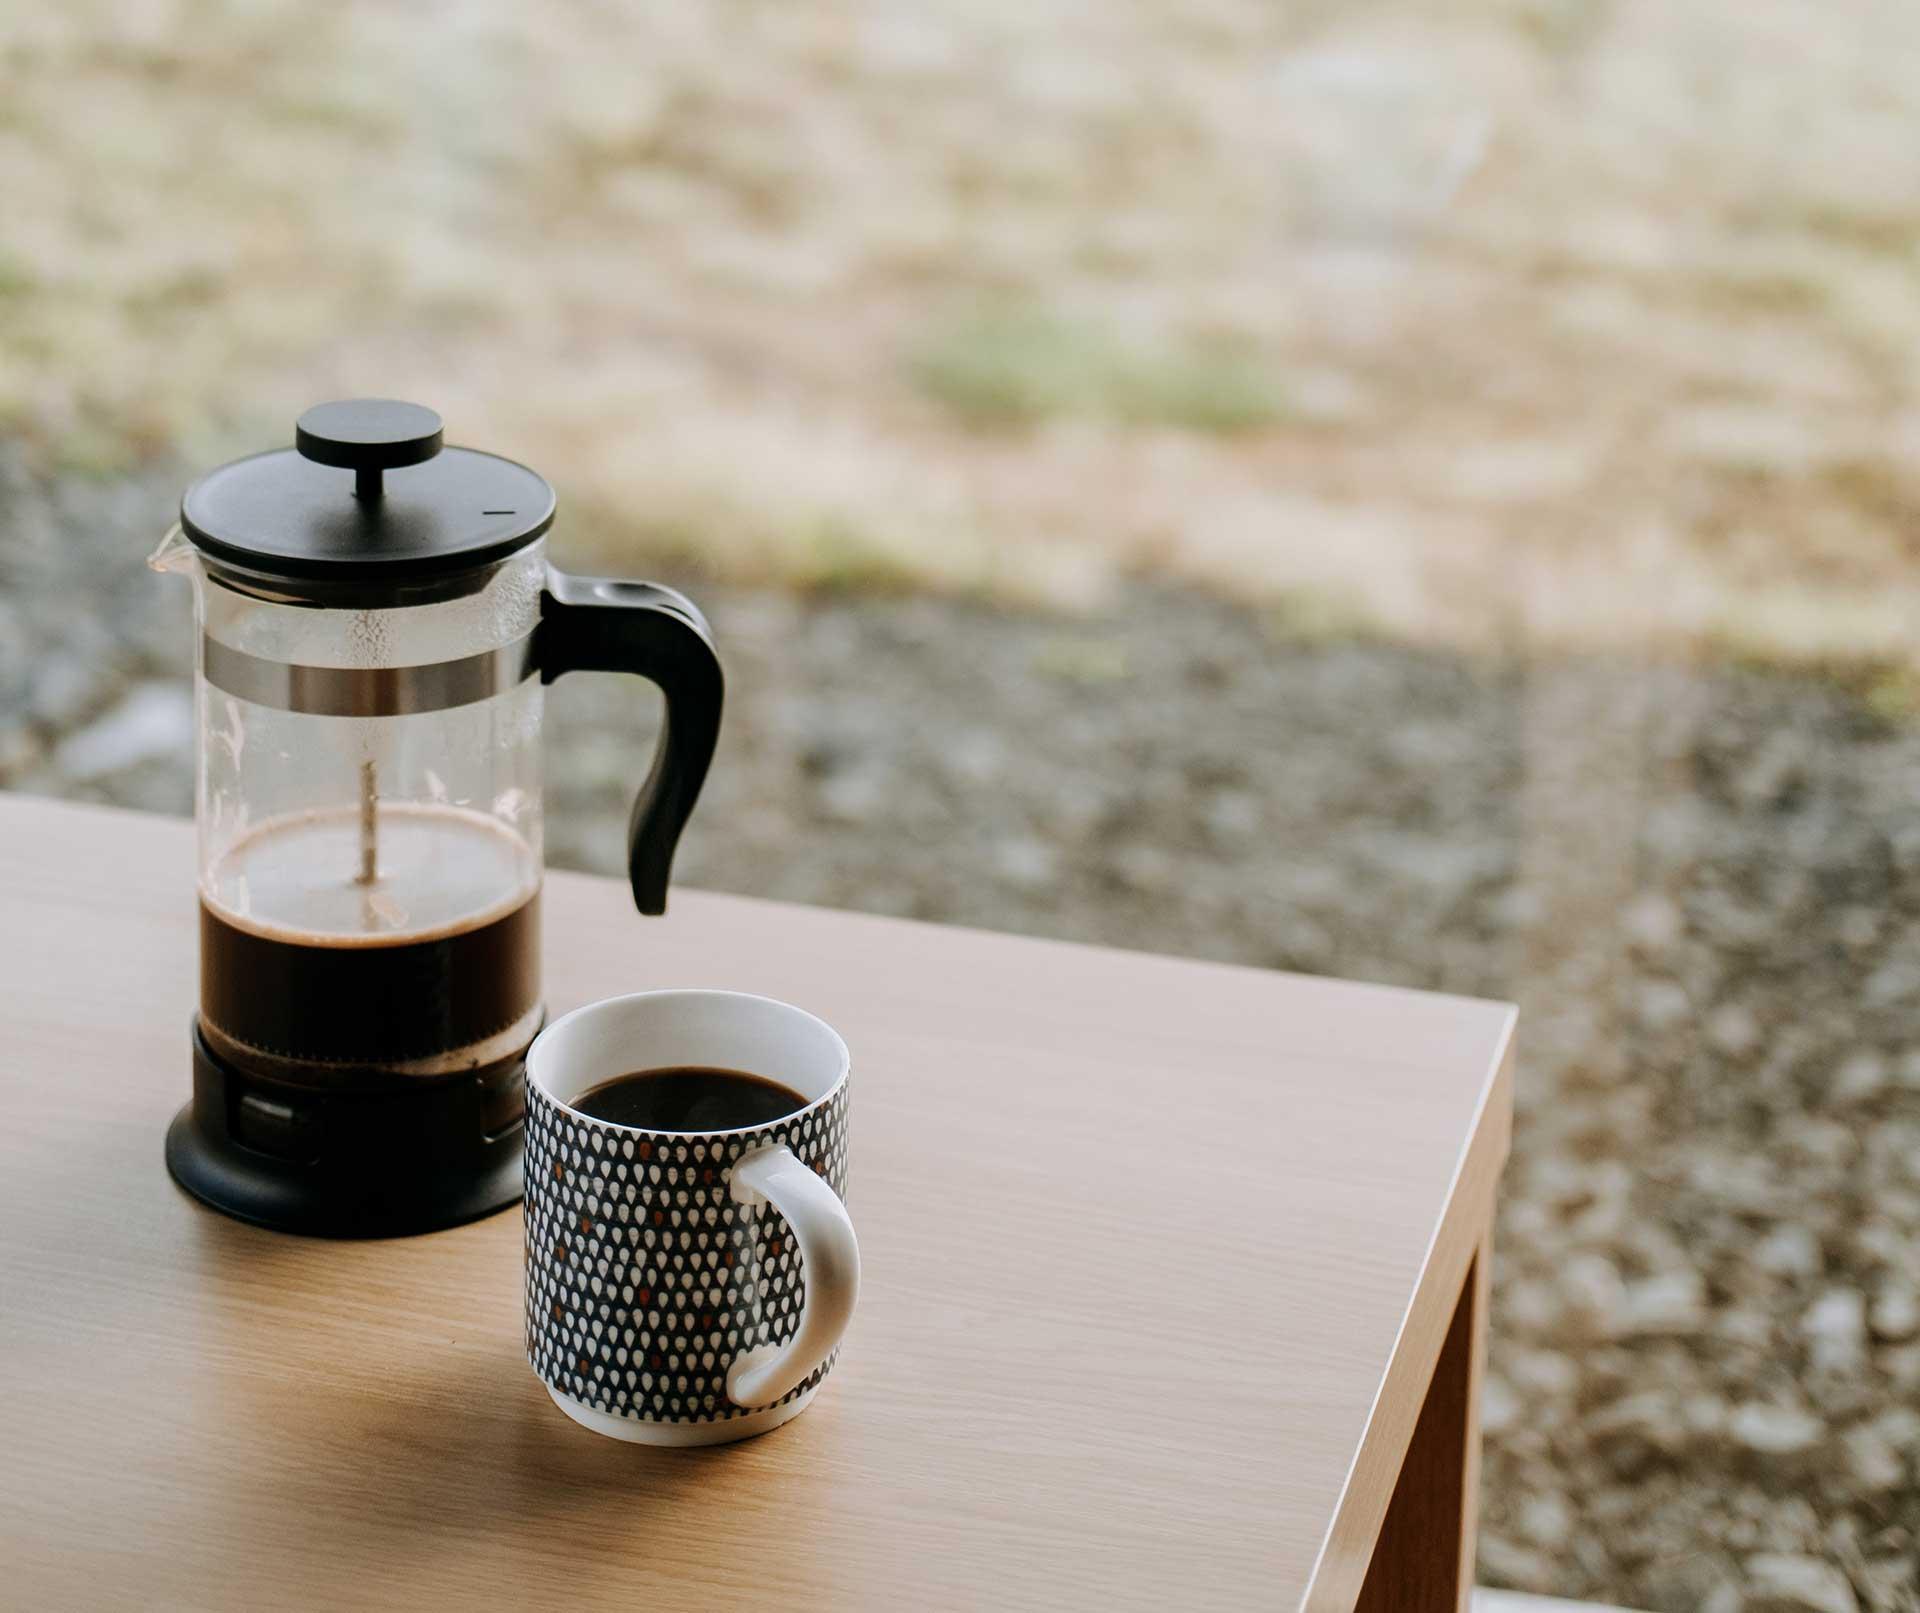 Extracción de café